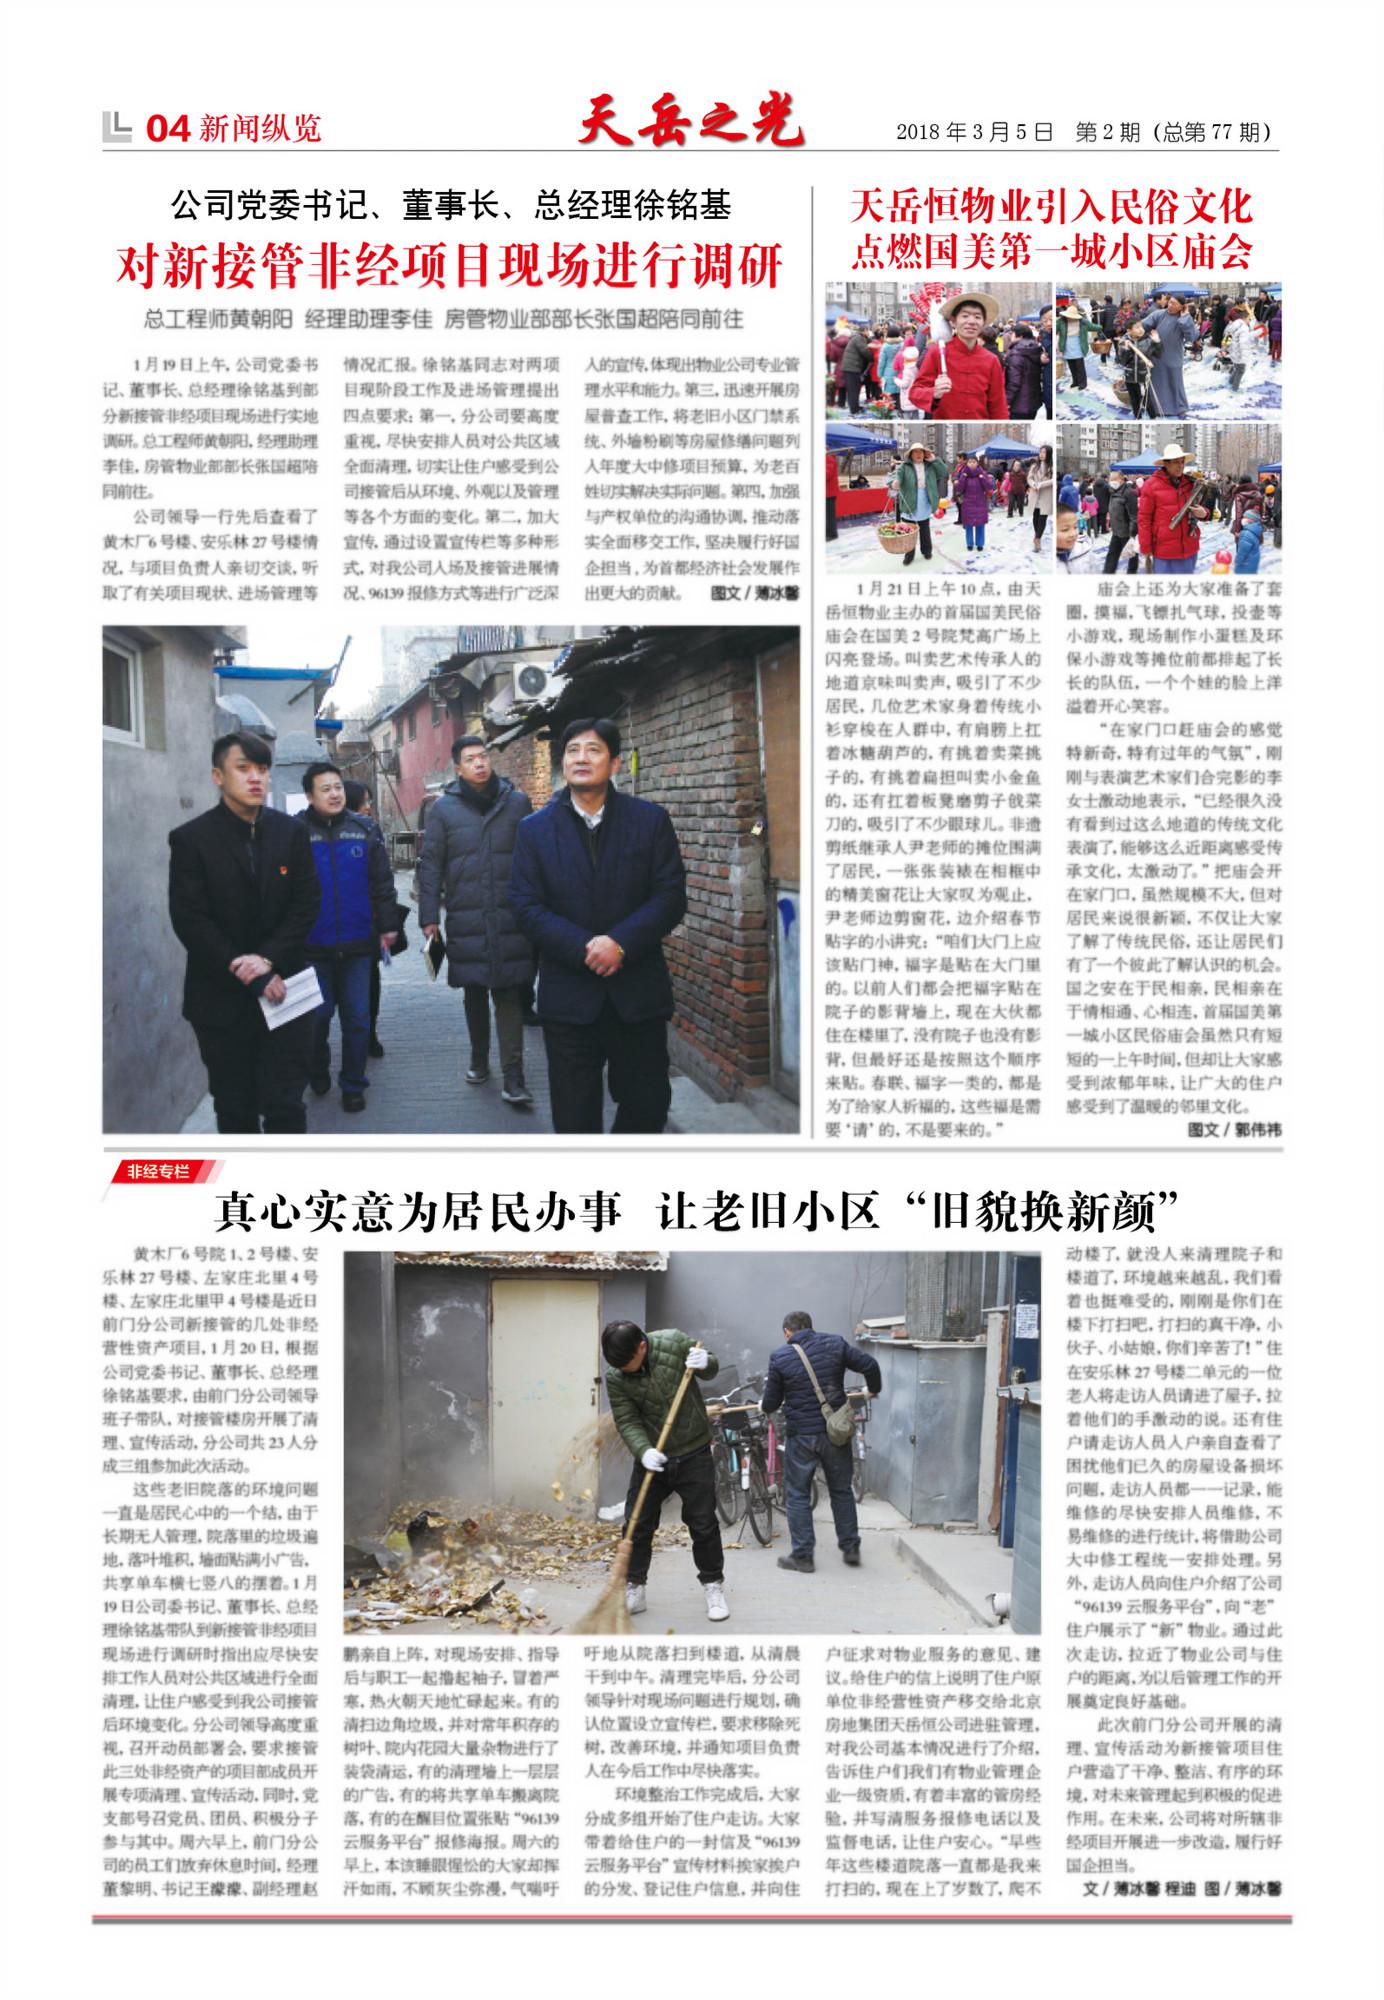 2-大赢家棋牌官网2月报纸4